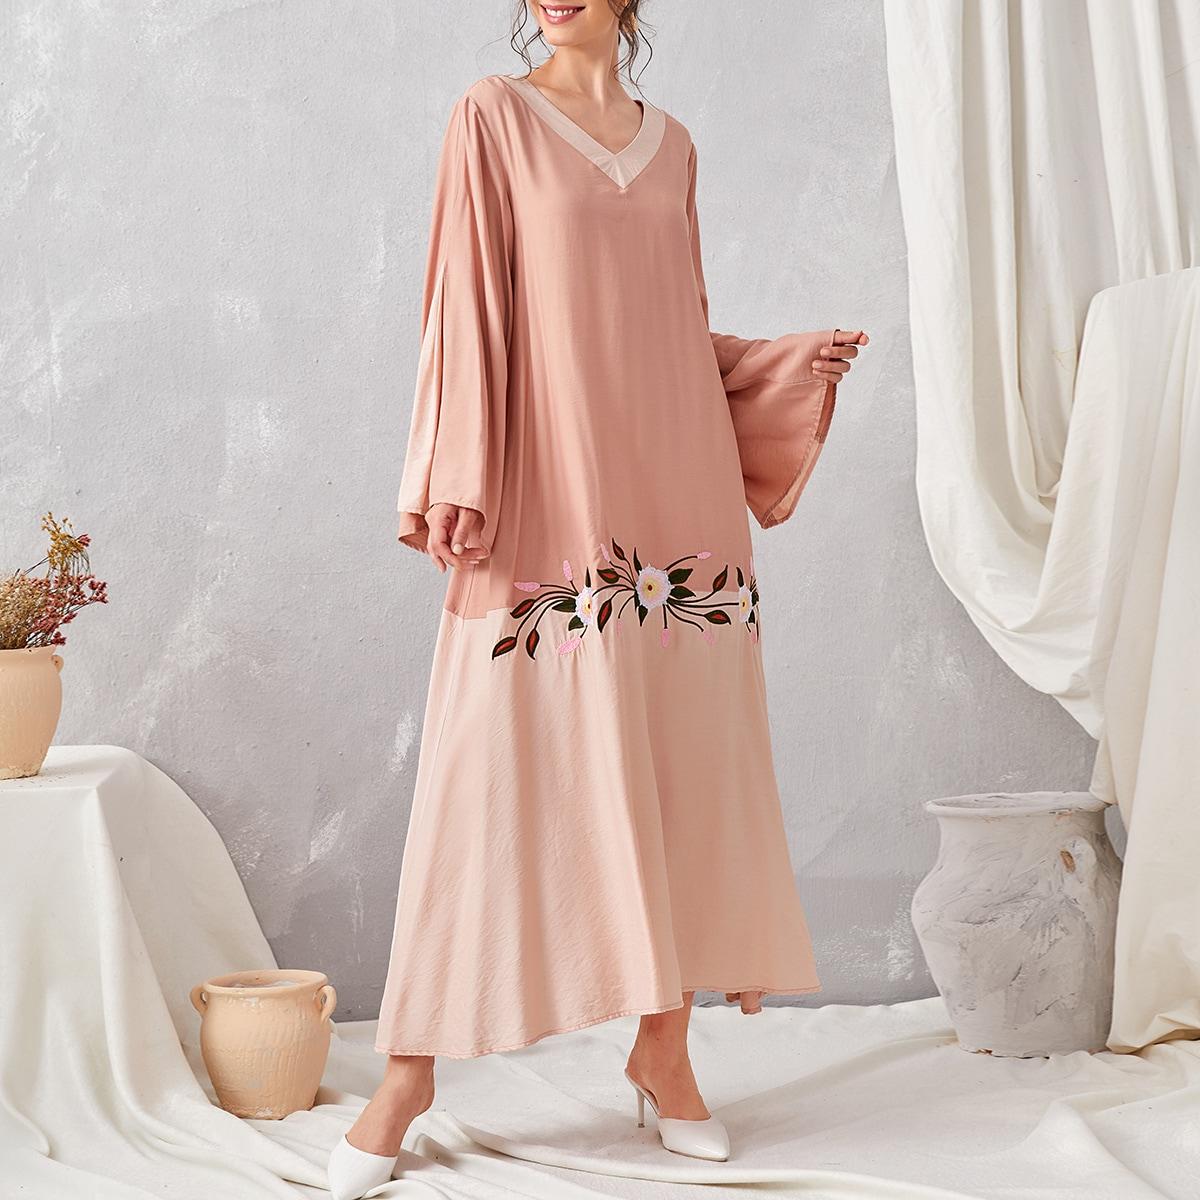 С вышивкой со цветочками повседневный арабская одежда